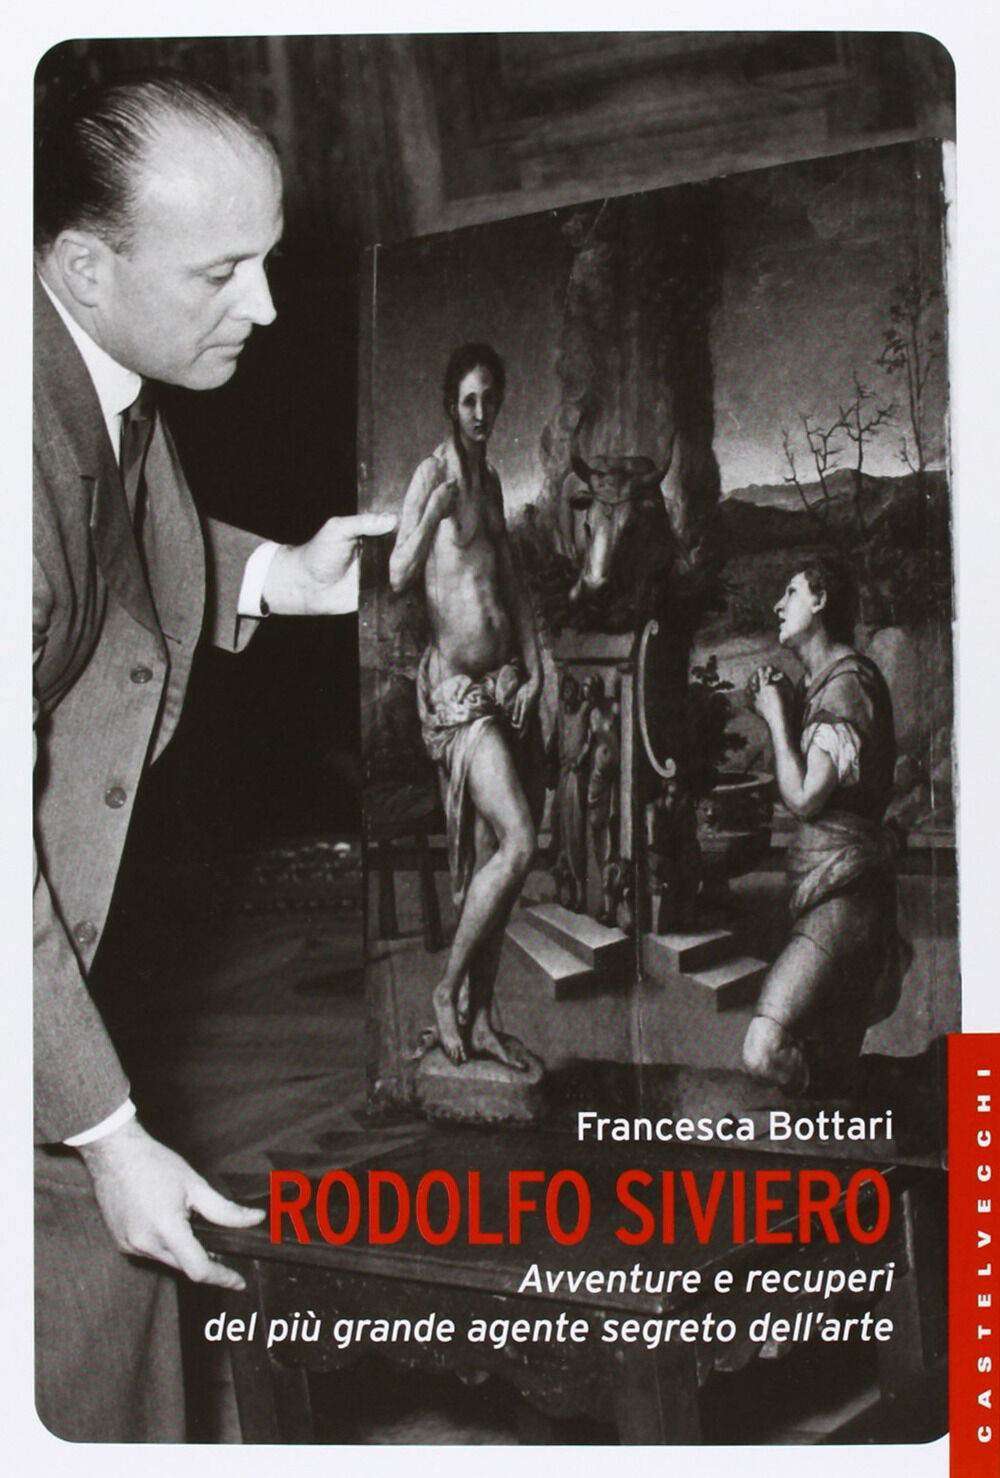 Rodolfo Siviero. Avventure e recuperi del più grande agente segreto dell'arte